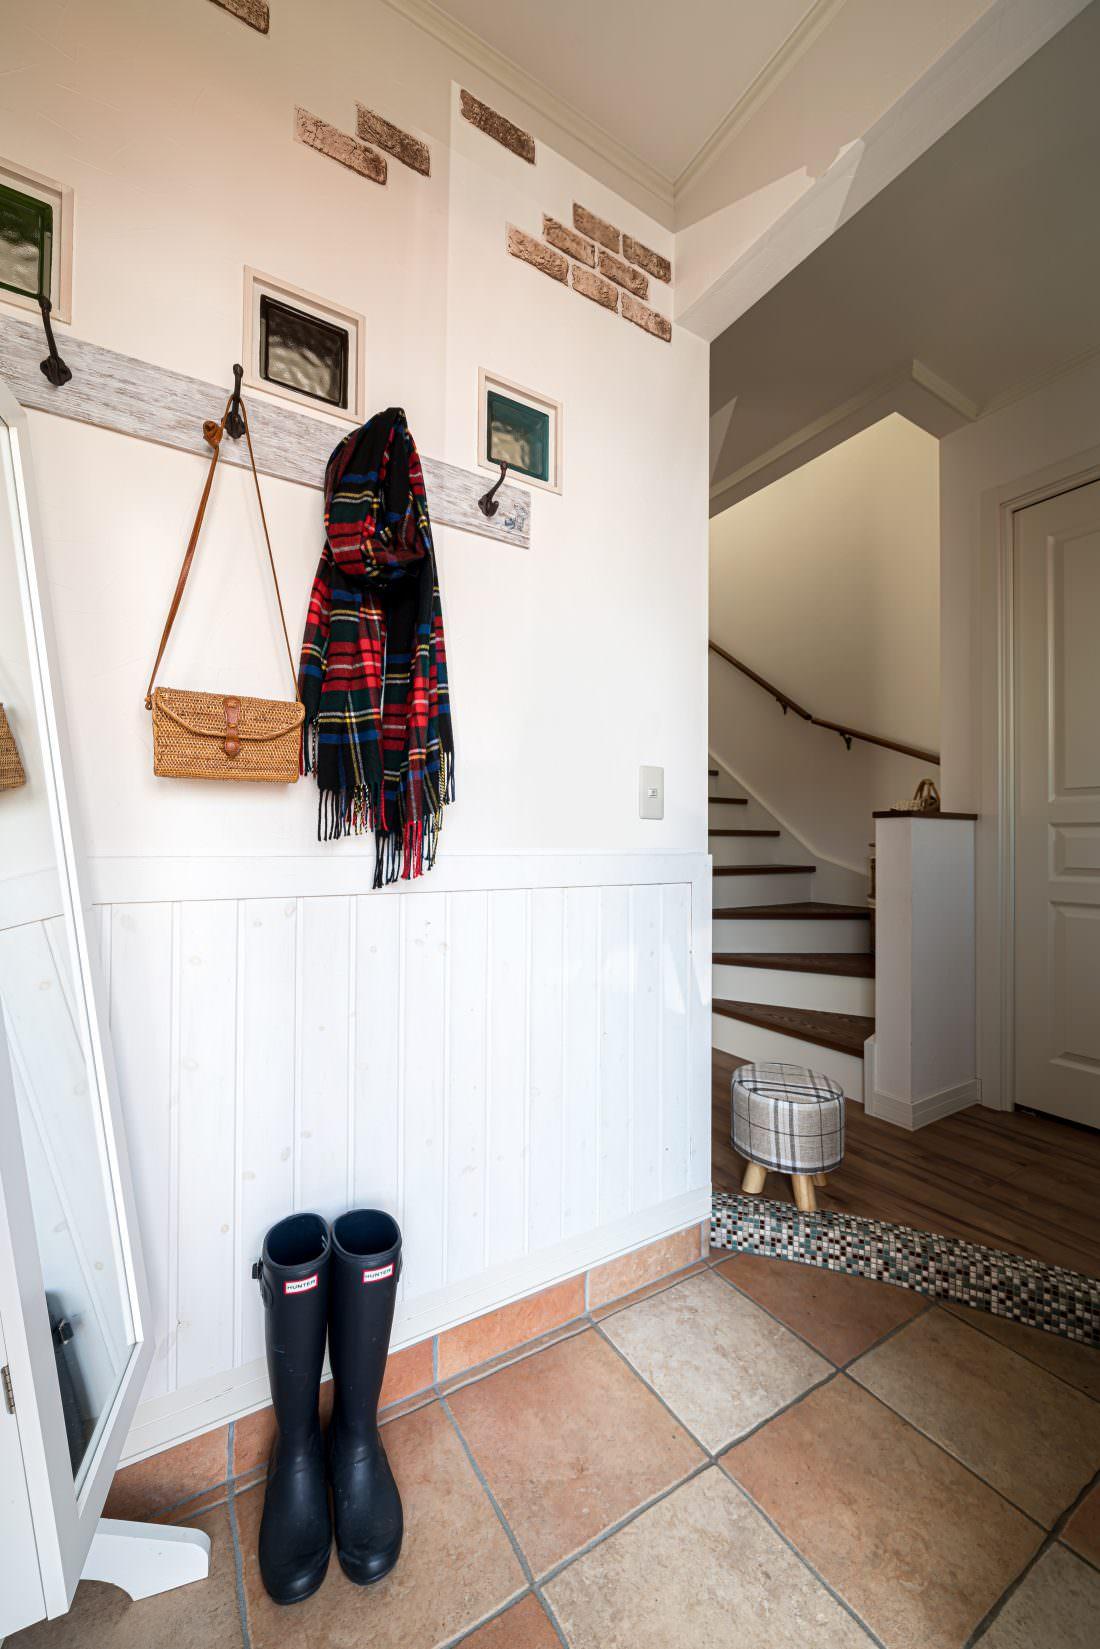 テラコッタタイルが印象的な玄関